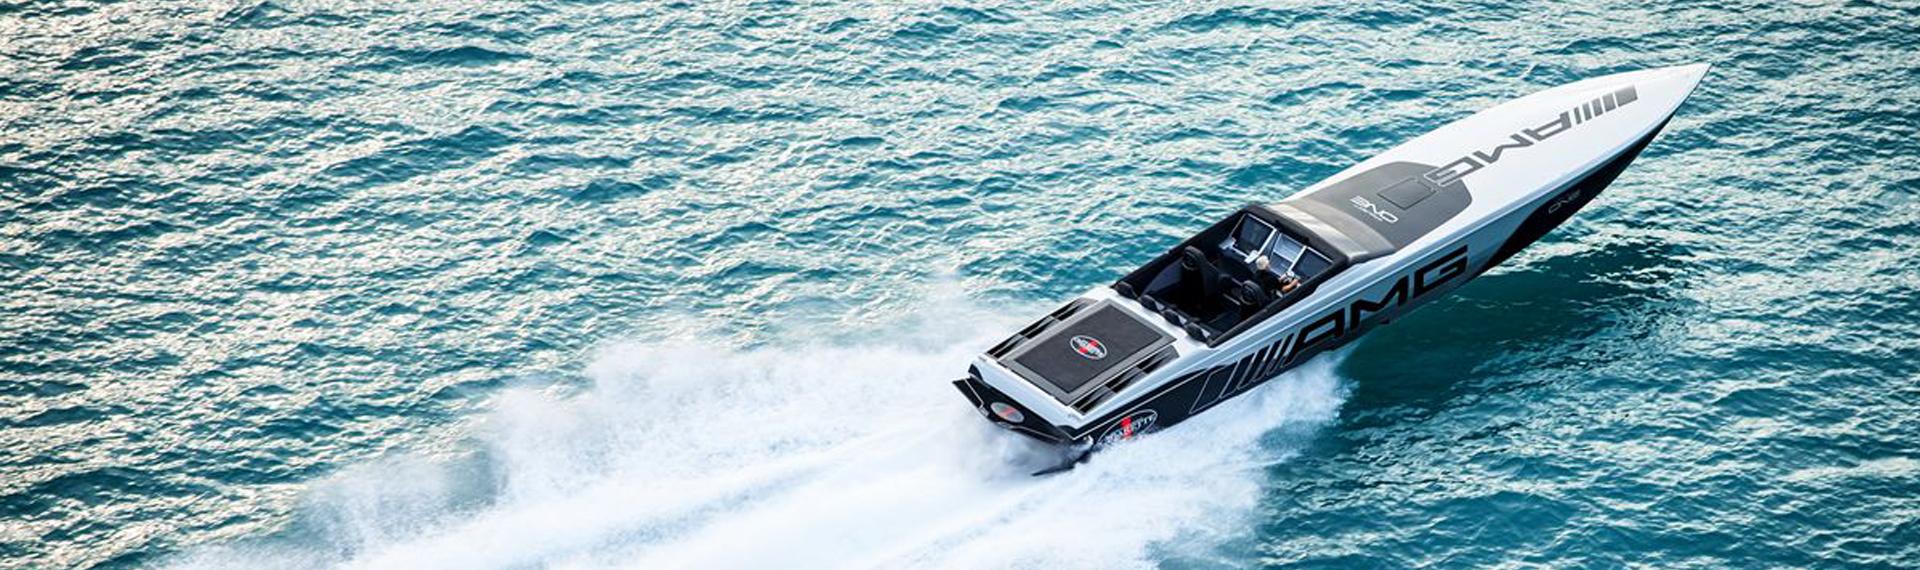 Sporthajót készít a Mercedes